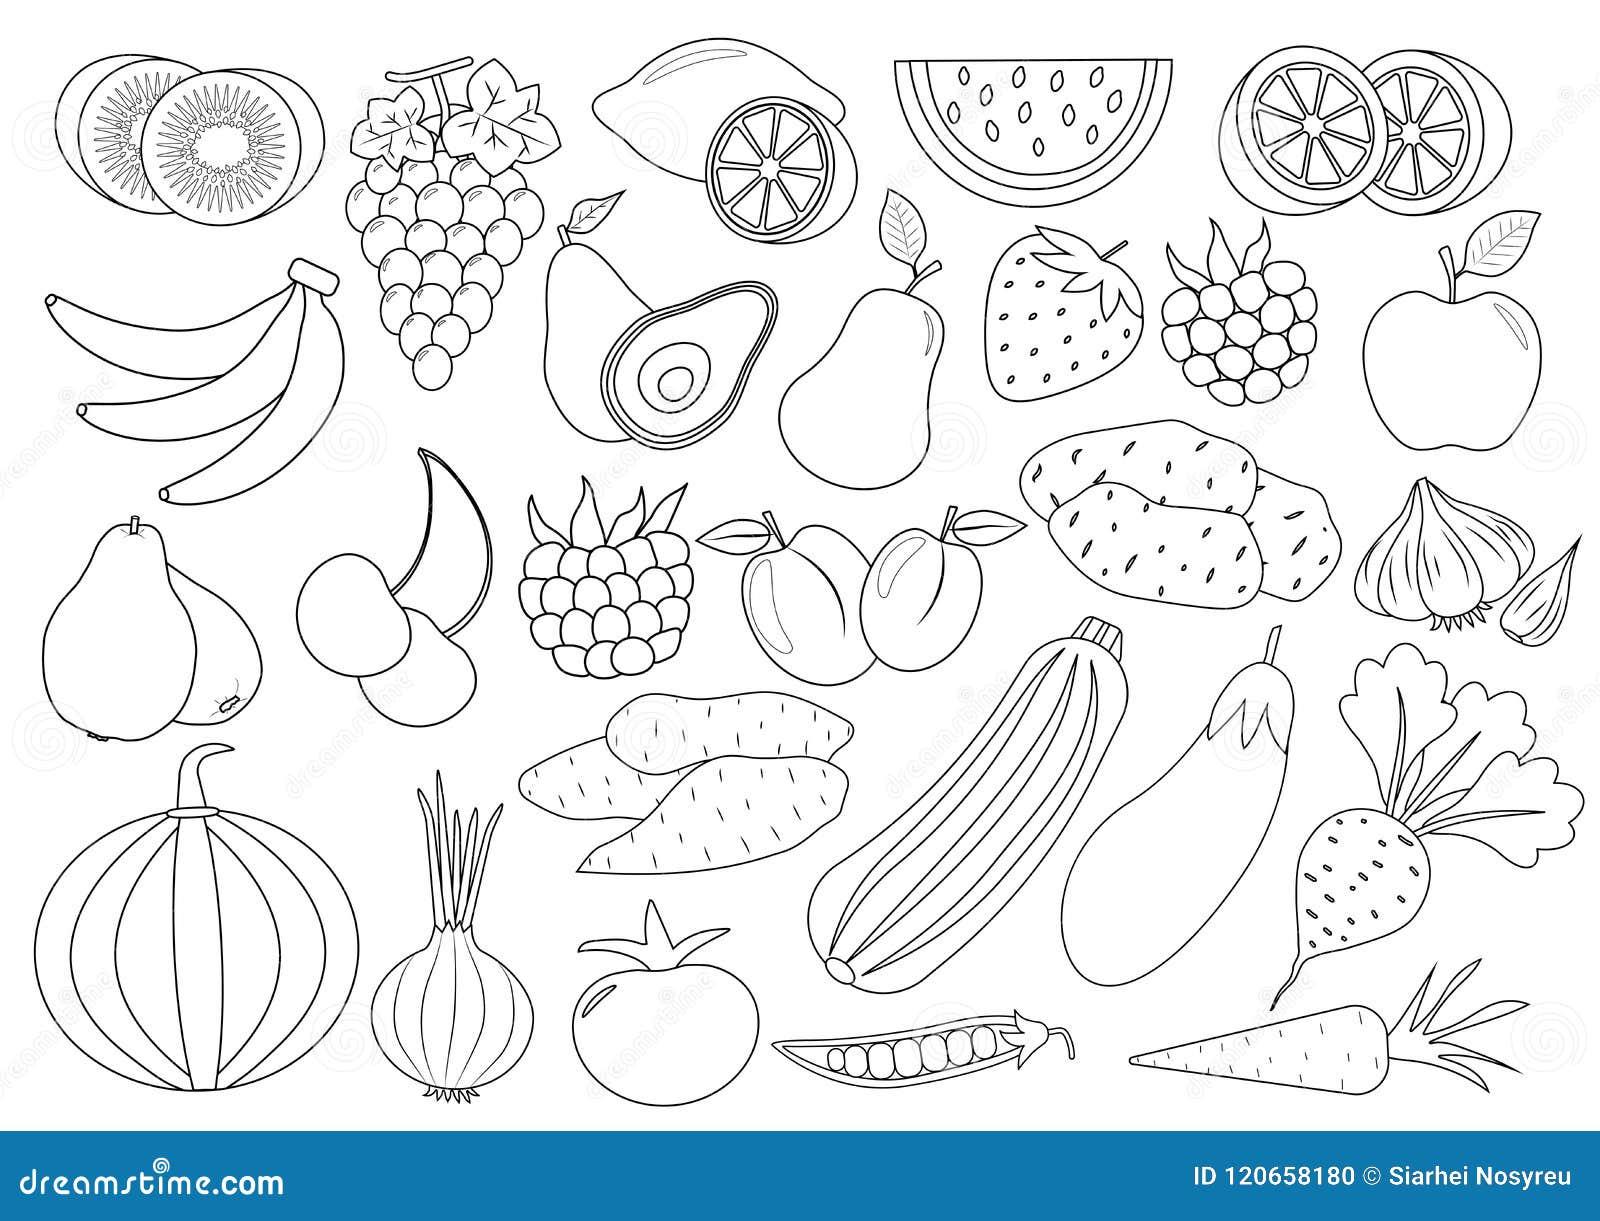 Pagina Del Libro Da Colorare Frutti Bacche E Fumetto Delle Verdure Illustrazione Vettoriale Illustrazione Di Fumetto Melanzana 120658180